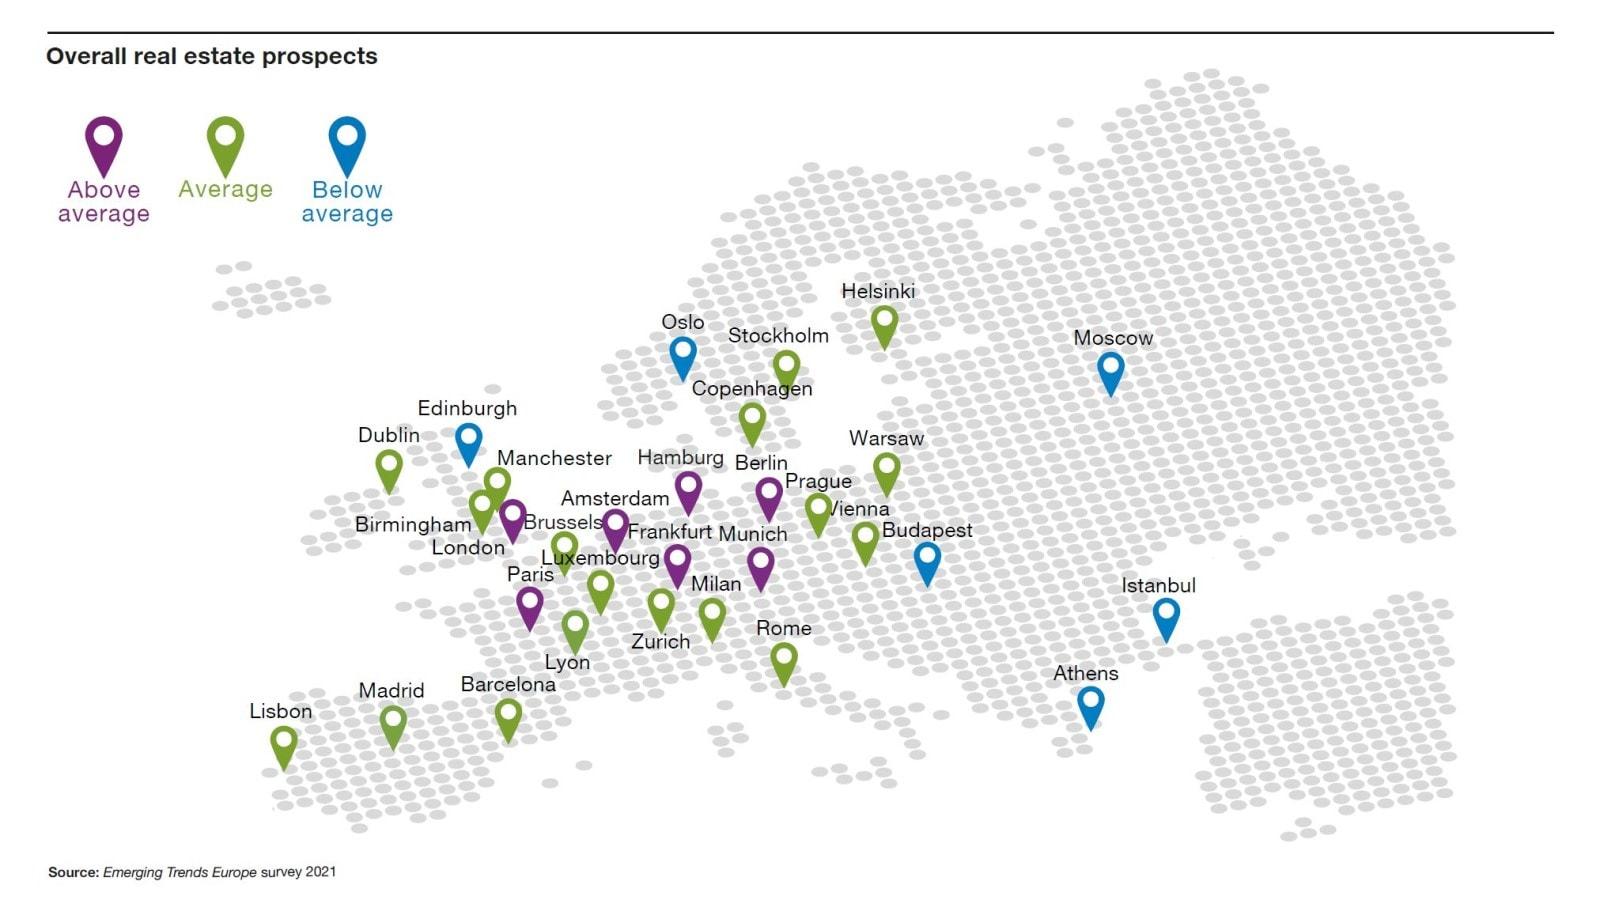 Carte mondiale des tendances émergentes dans l'immobilier.